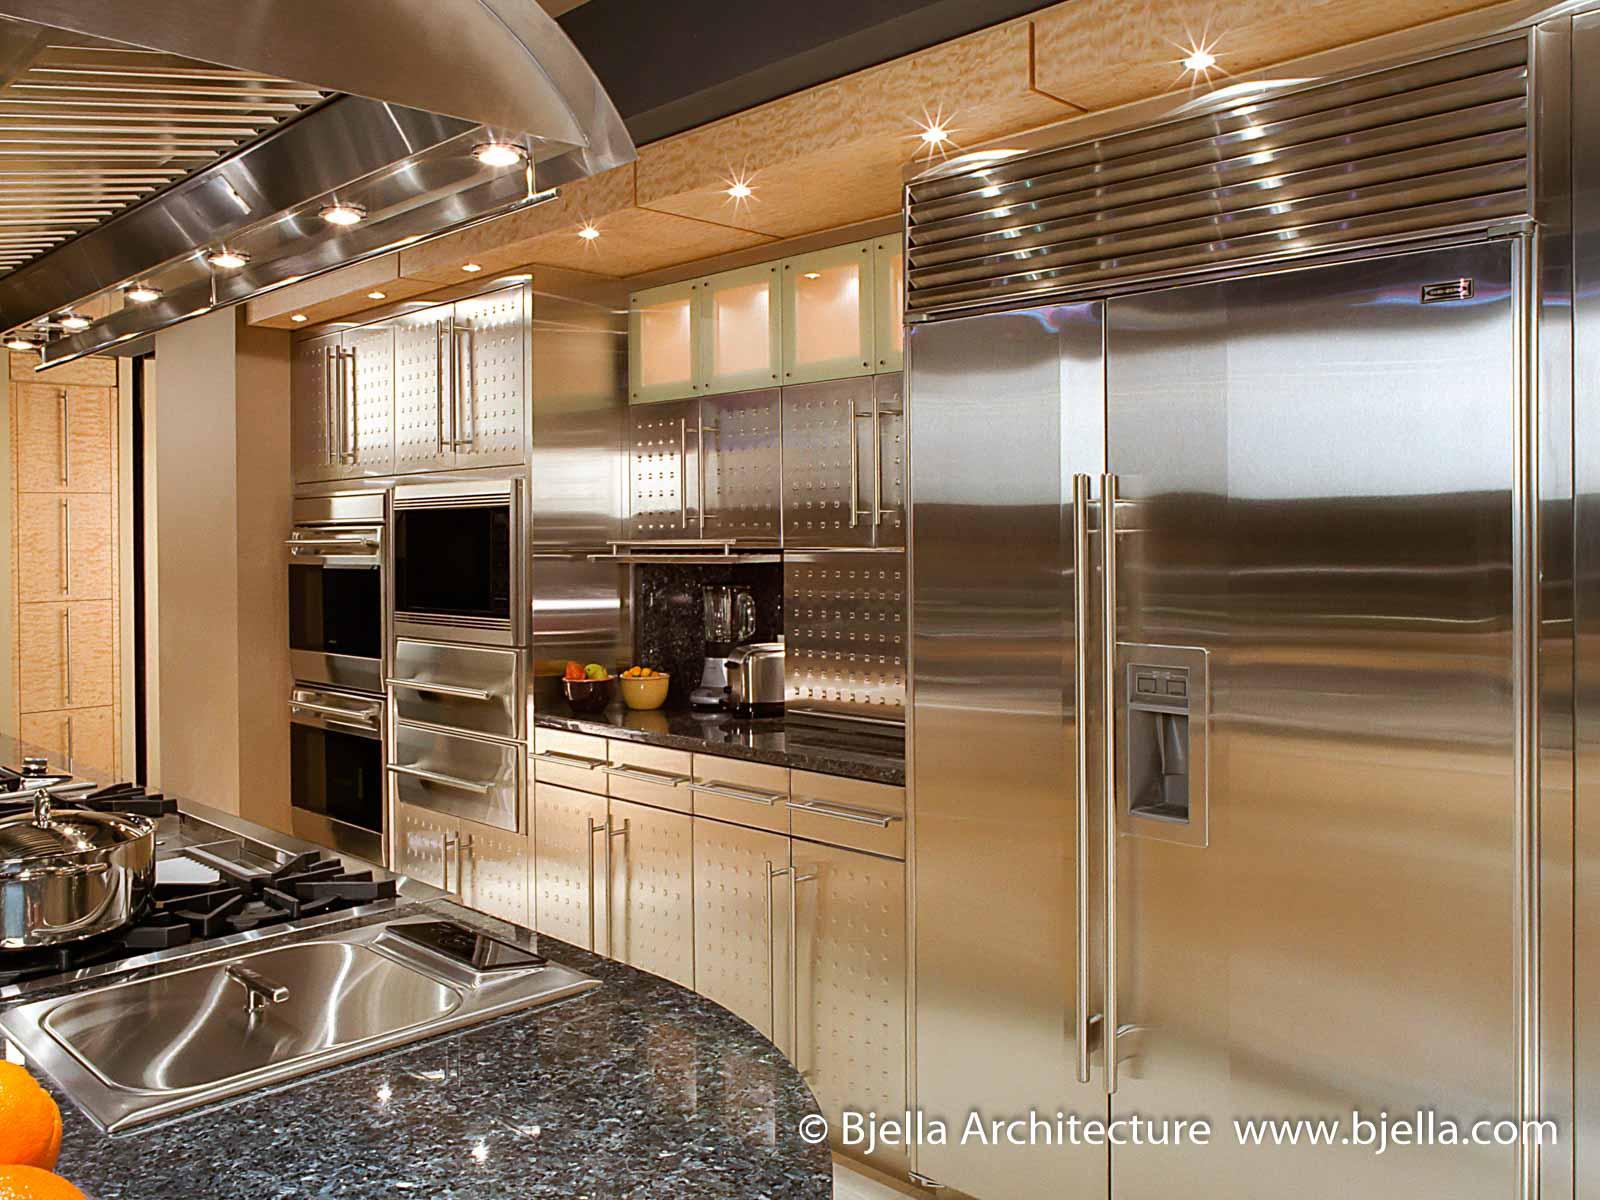 Bjella Architecture - Modern Kitchen Design-6